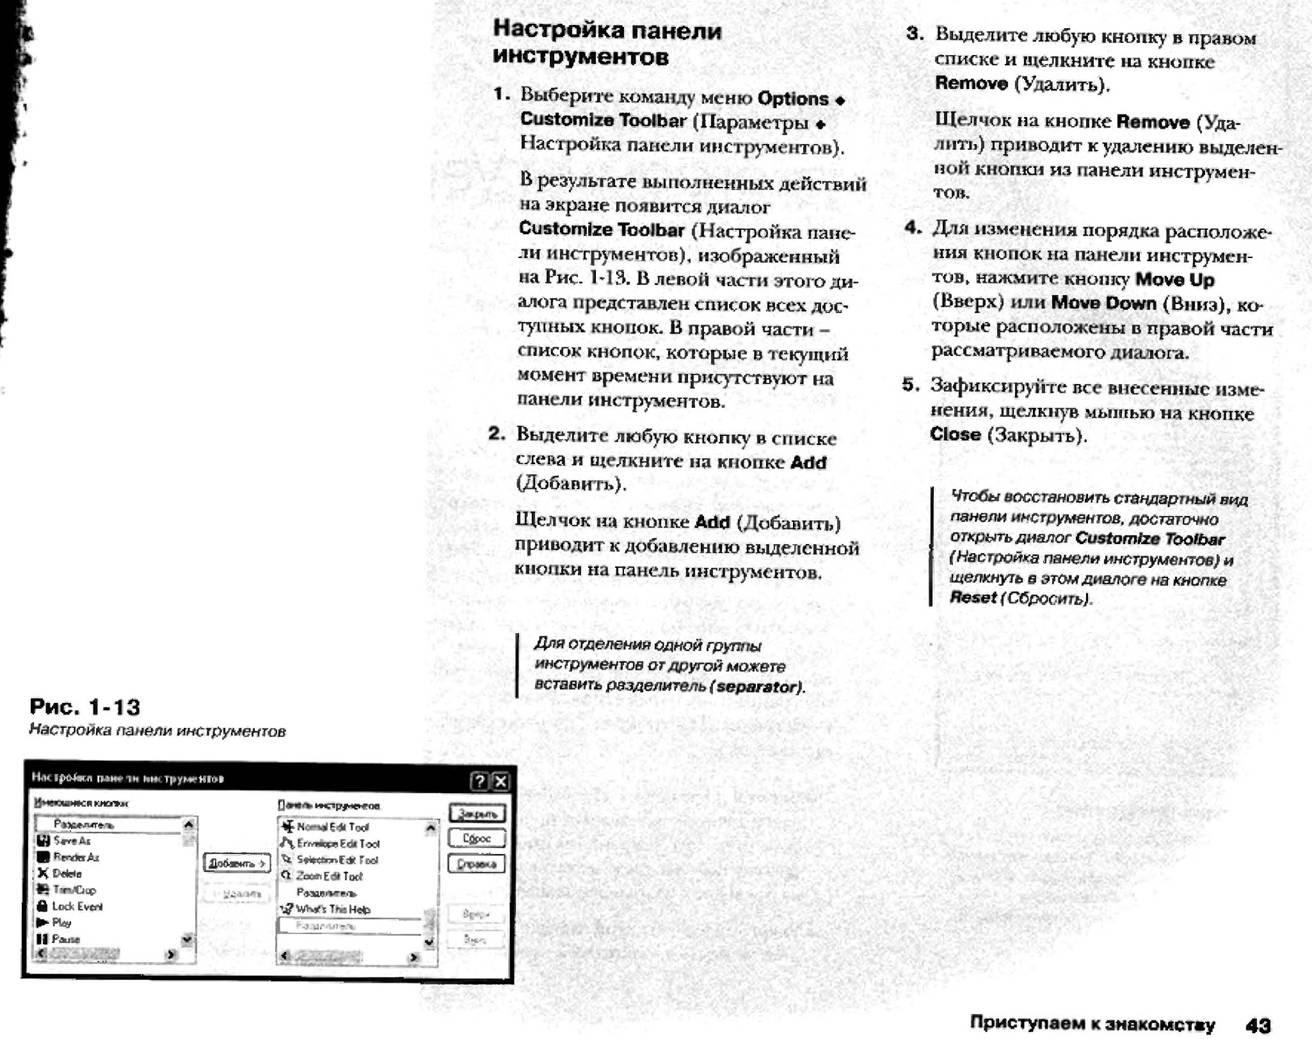 http://redaktori-uroki.3dn.ru/_ph/13/356604032.jpg